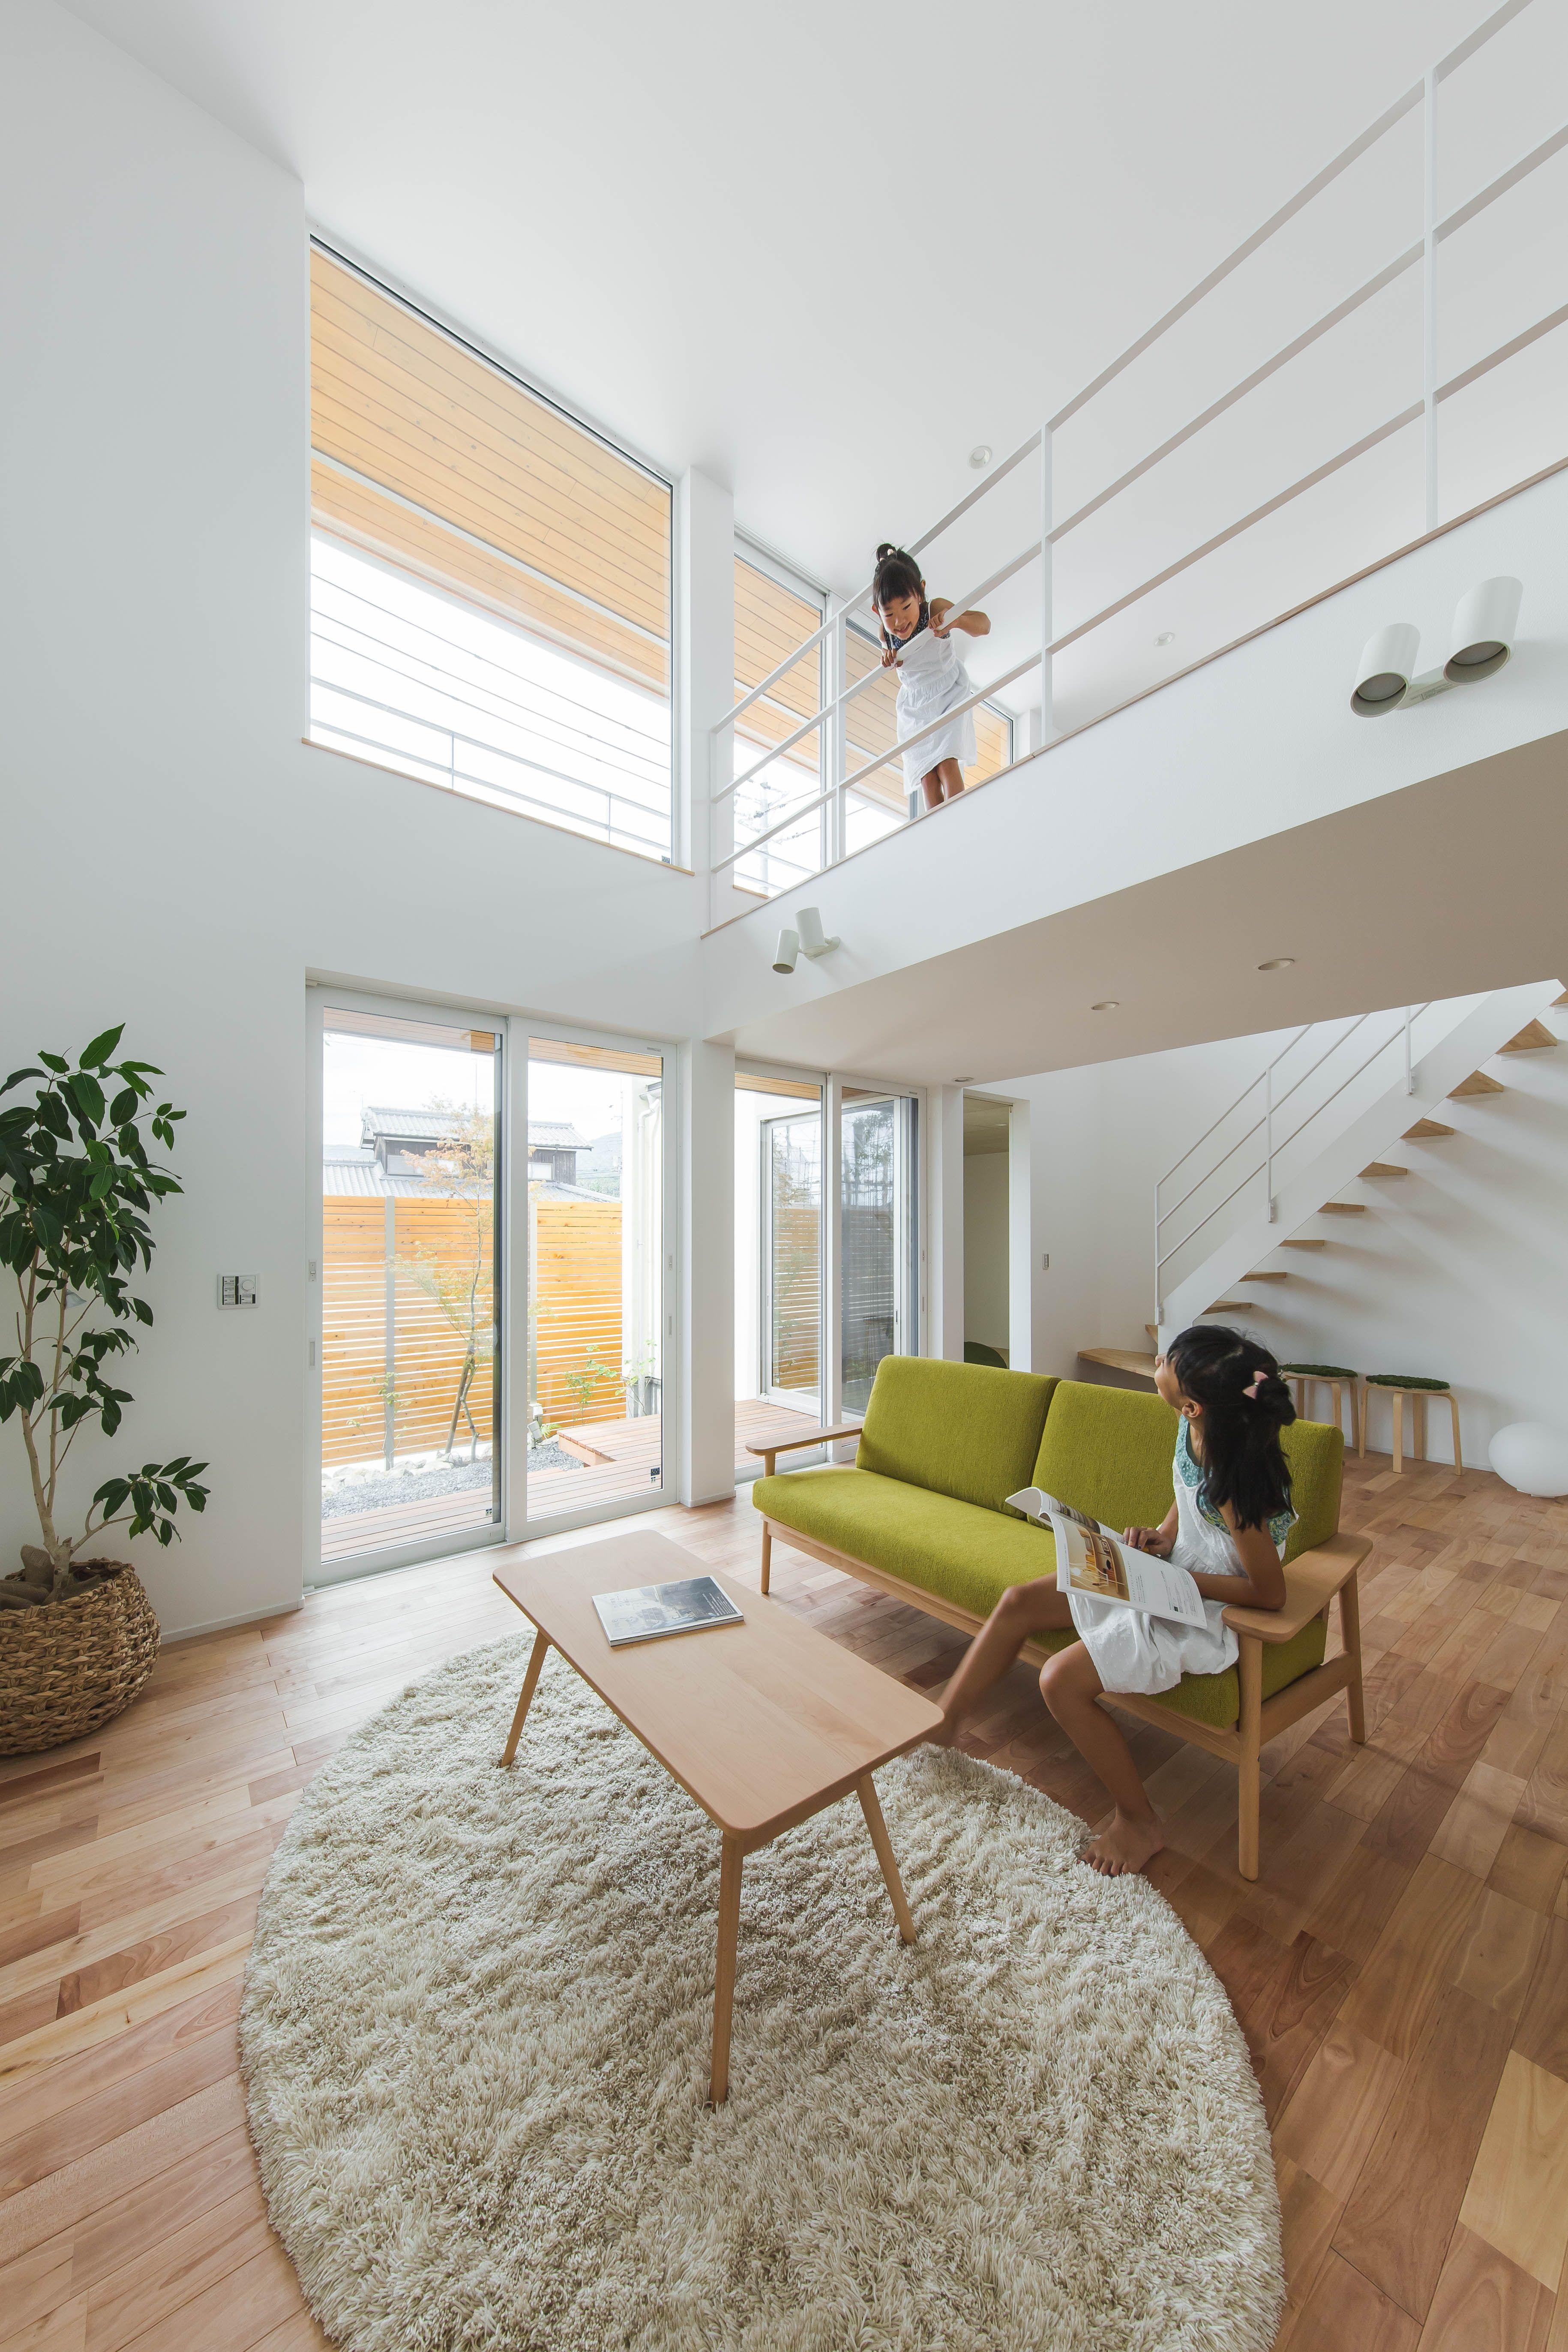 家族の距離を確かめられる吹き抜け ルポハウス 設計士とつくる家